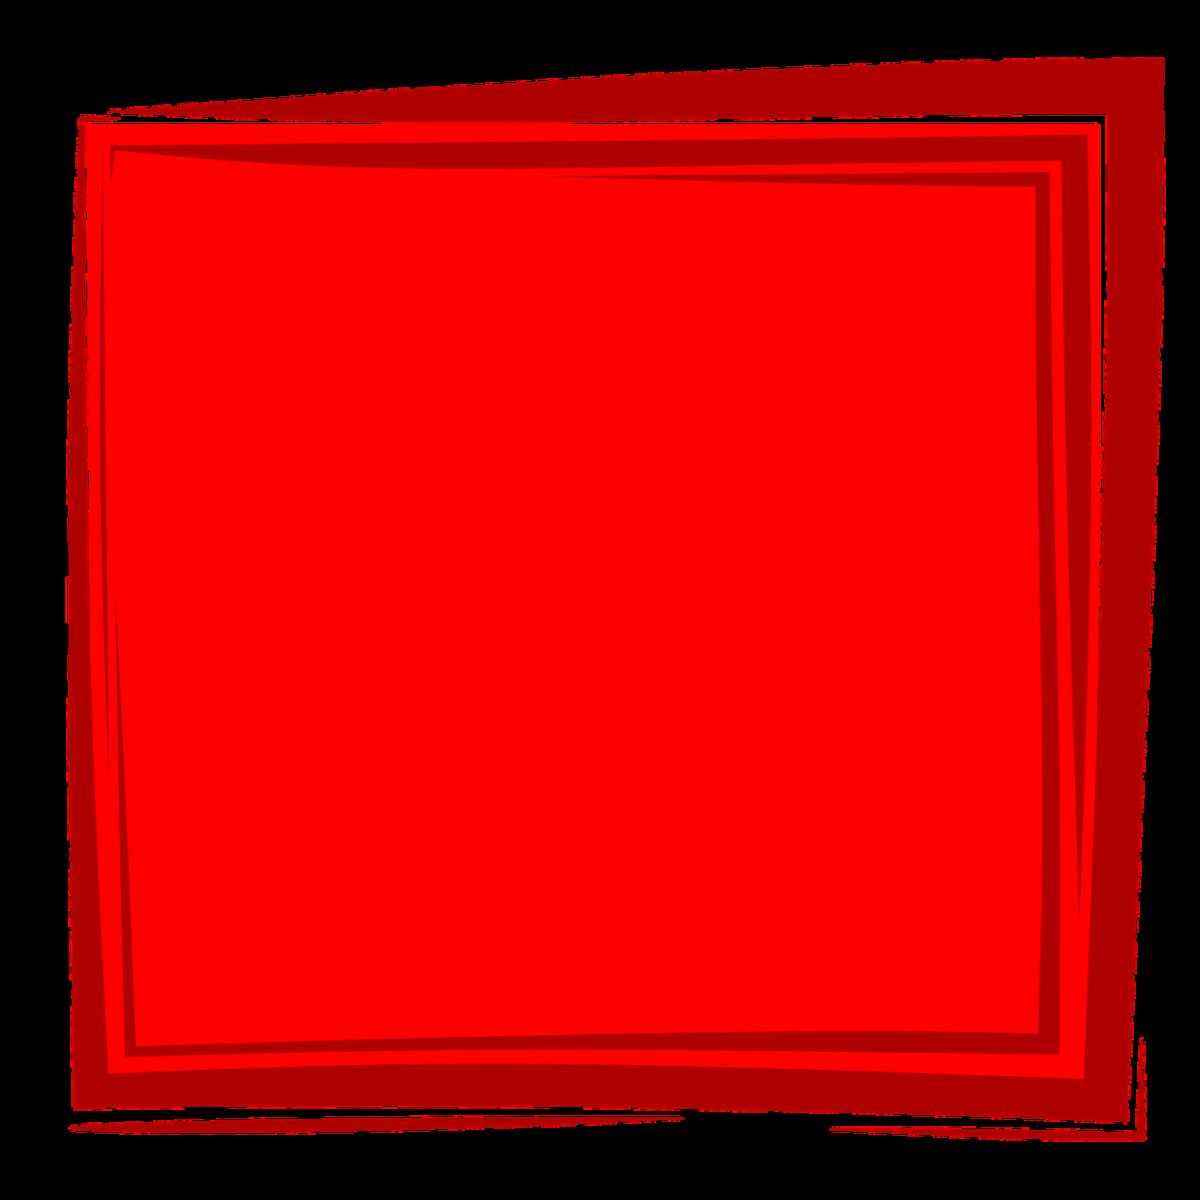 Картинка красный прямоугольник на прозрачном фоне